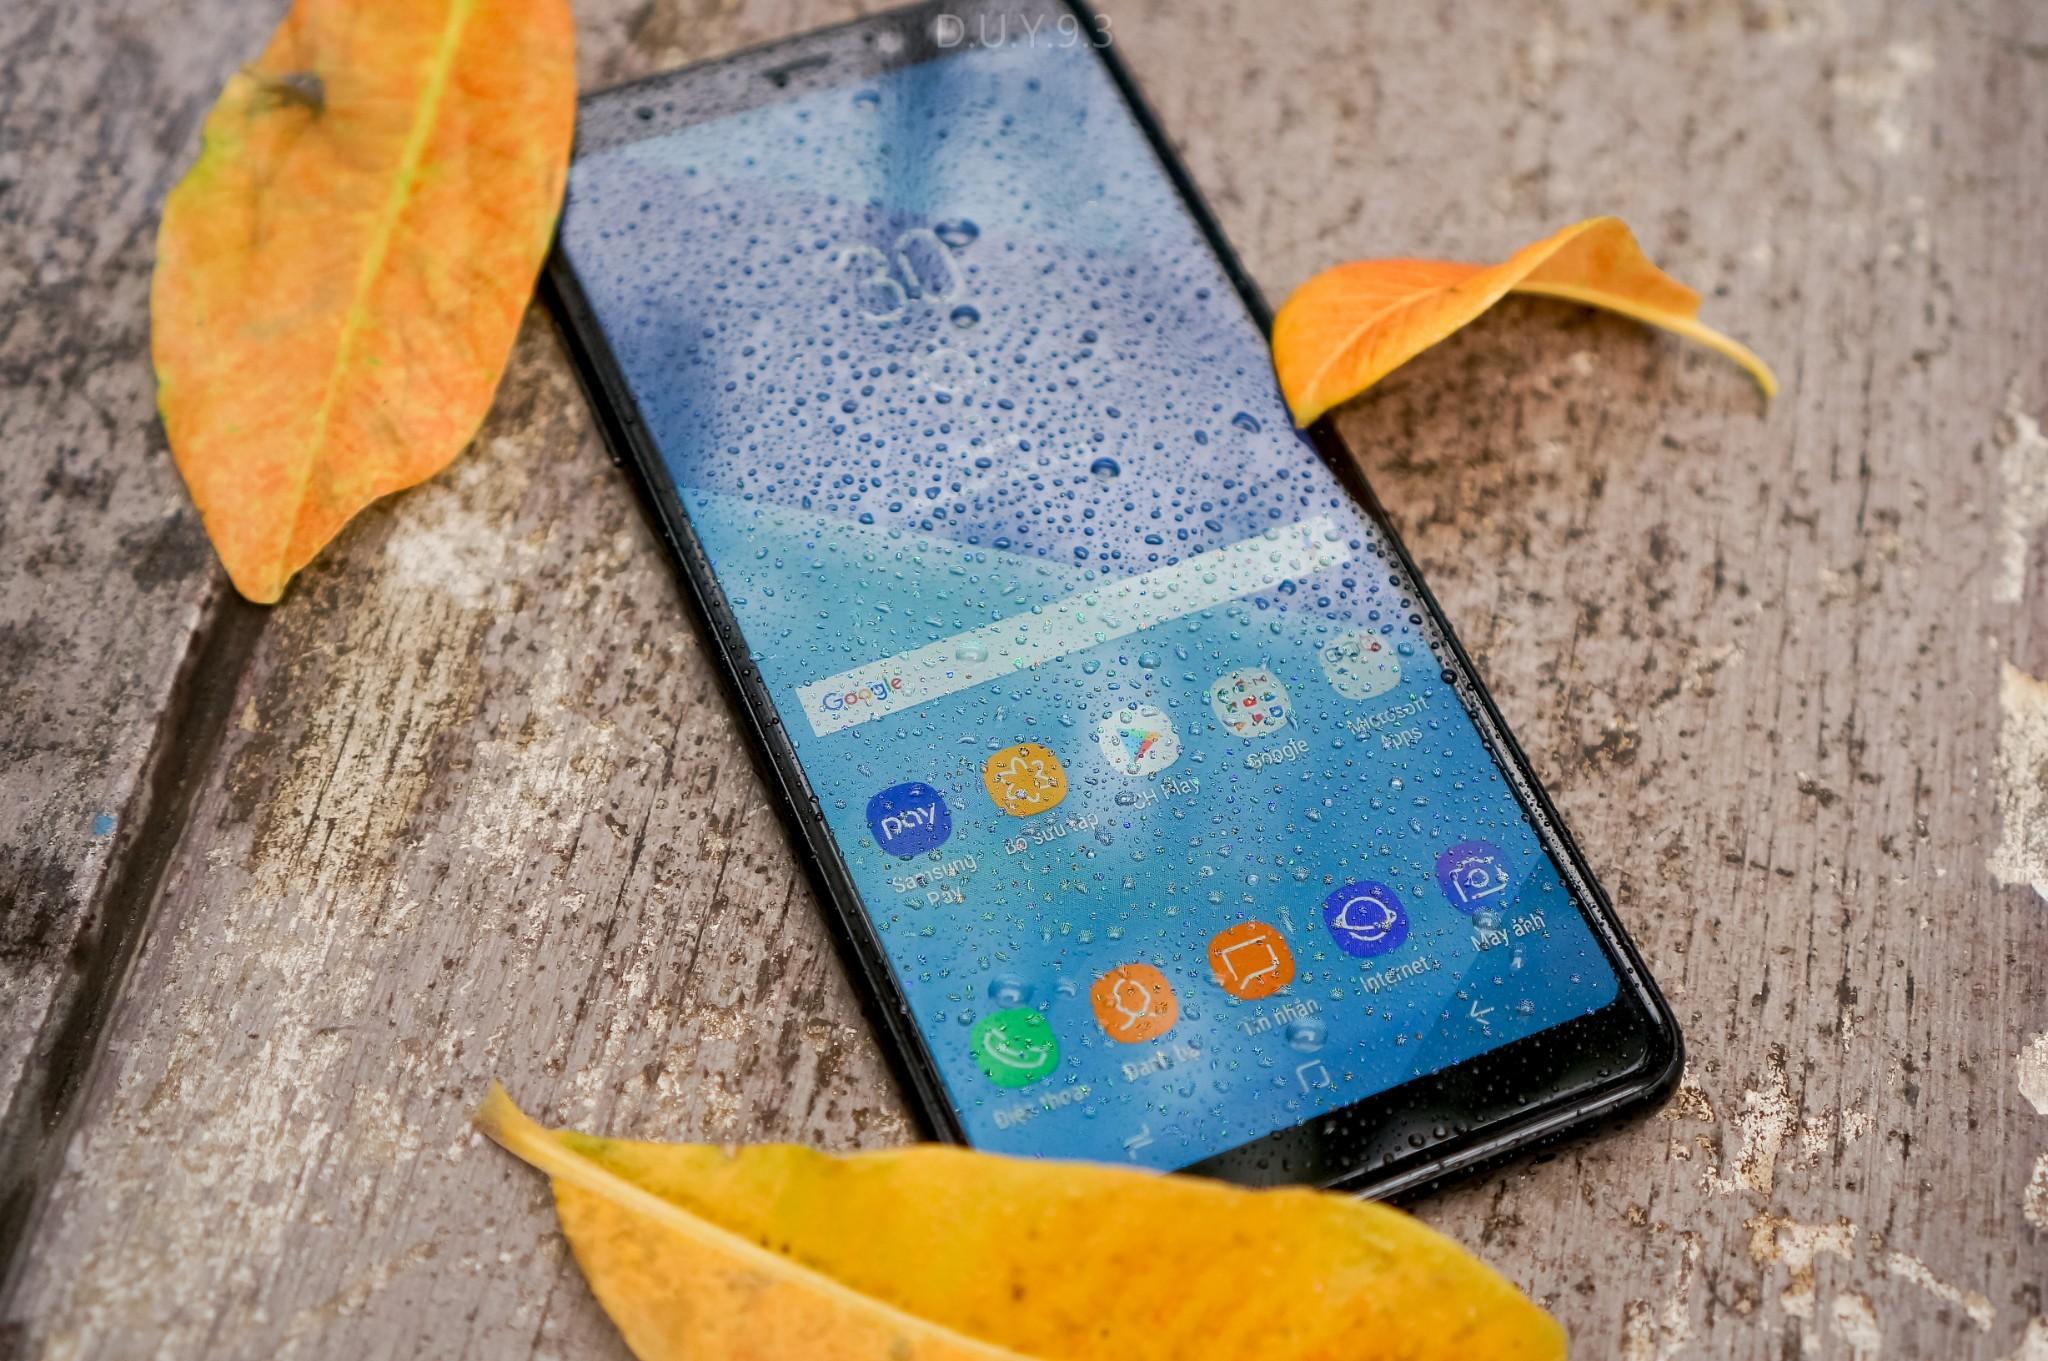 Đánh giá thiết kế Galaxy A8/ A8+: Vẻ đẹp sang trọng của kim loại và kính hình 7